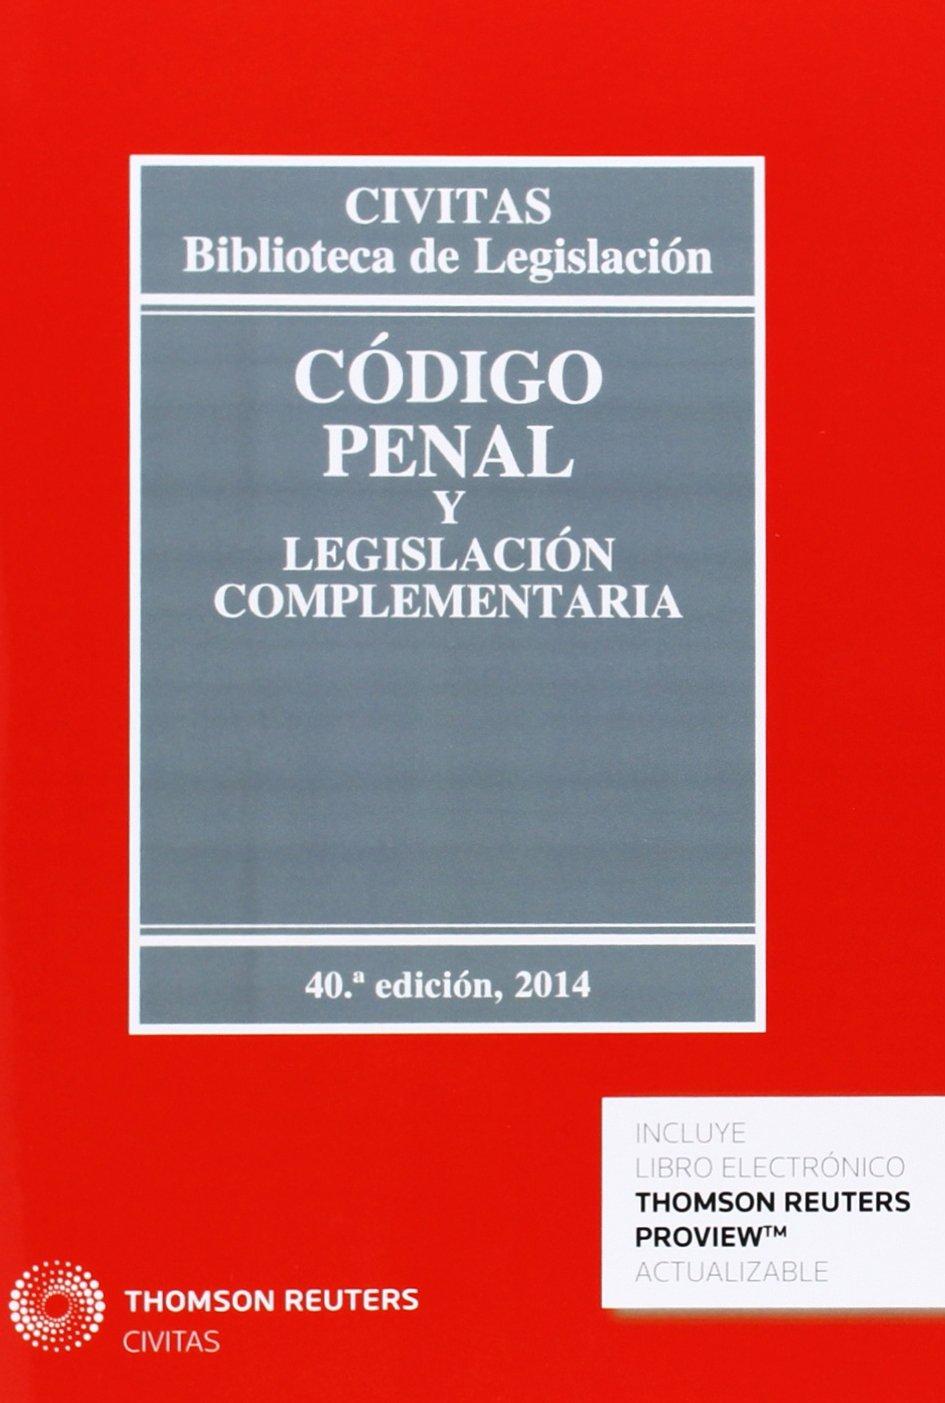 Código penal y legislación complementaria 40ed Biblioteca de Legislación: Amazon.es: Díaz-Maroto y Villarejo, Julio: Libros